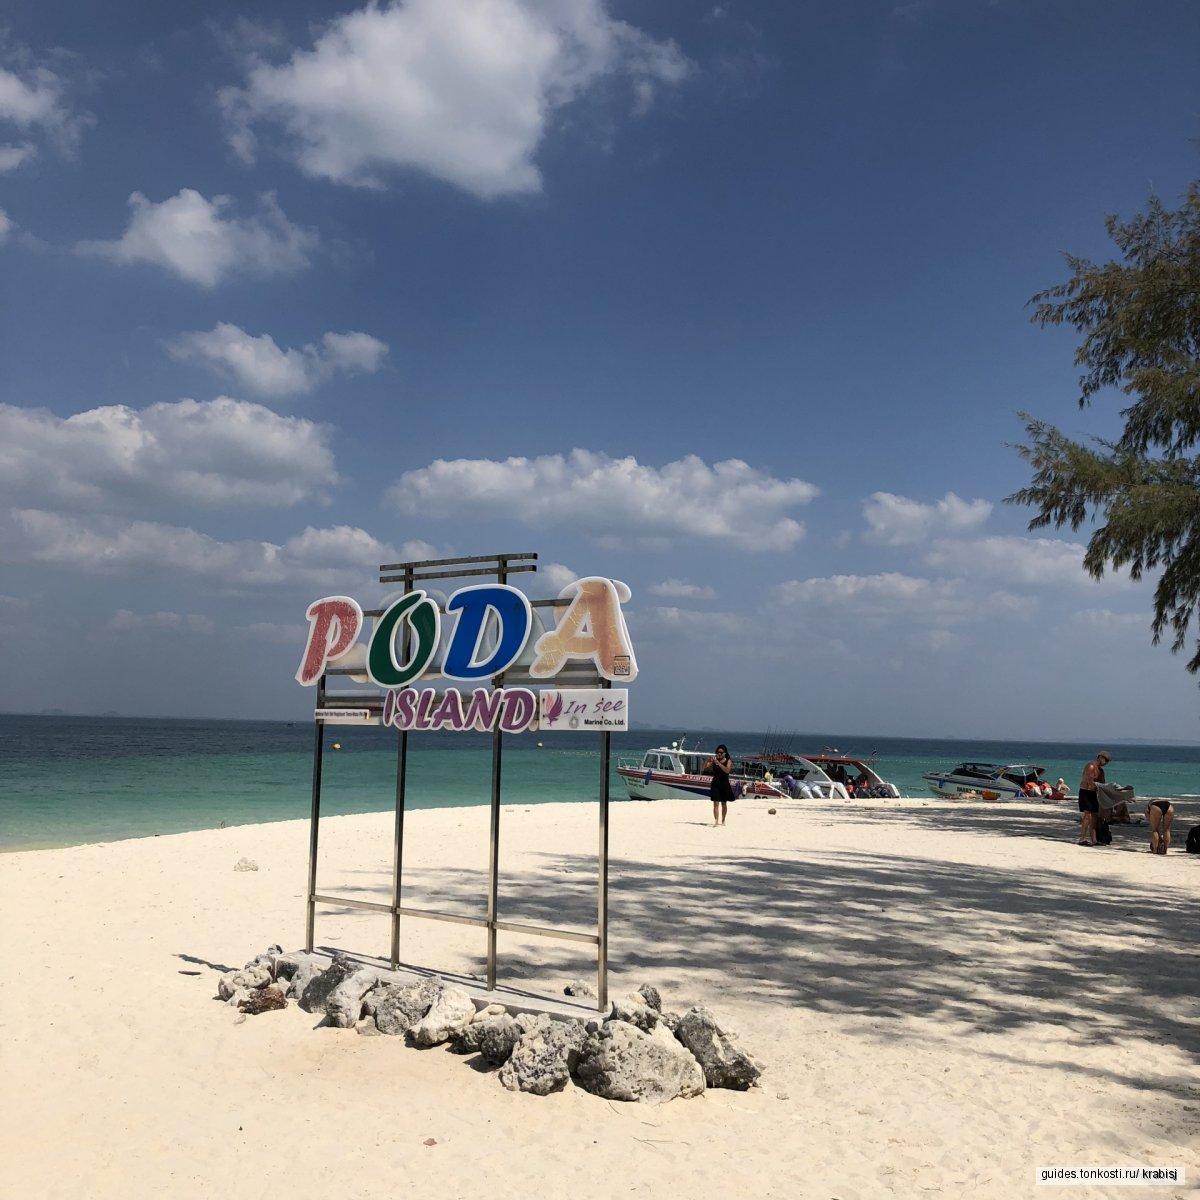 Обзорная экскурсия по локальным островам Краби